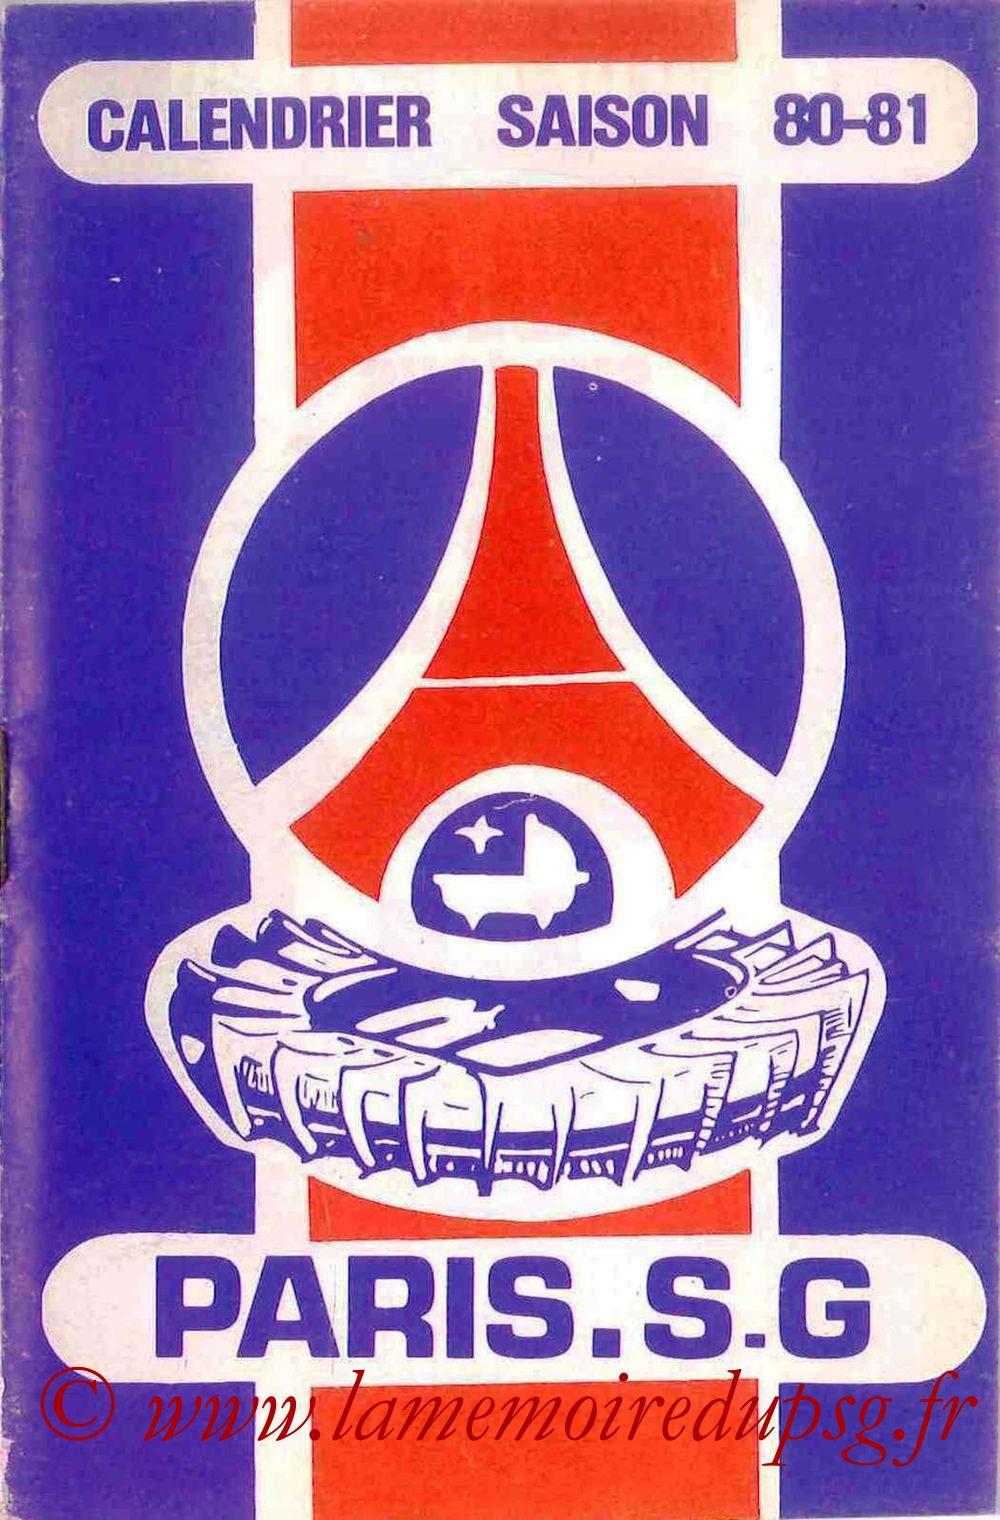 1980-81 - Guide de la Saison PSG